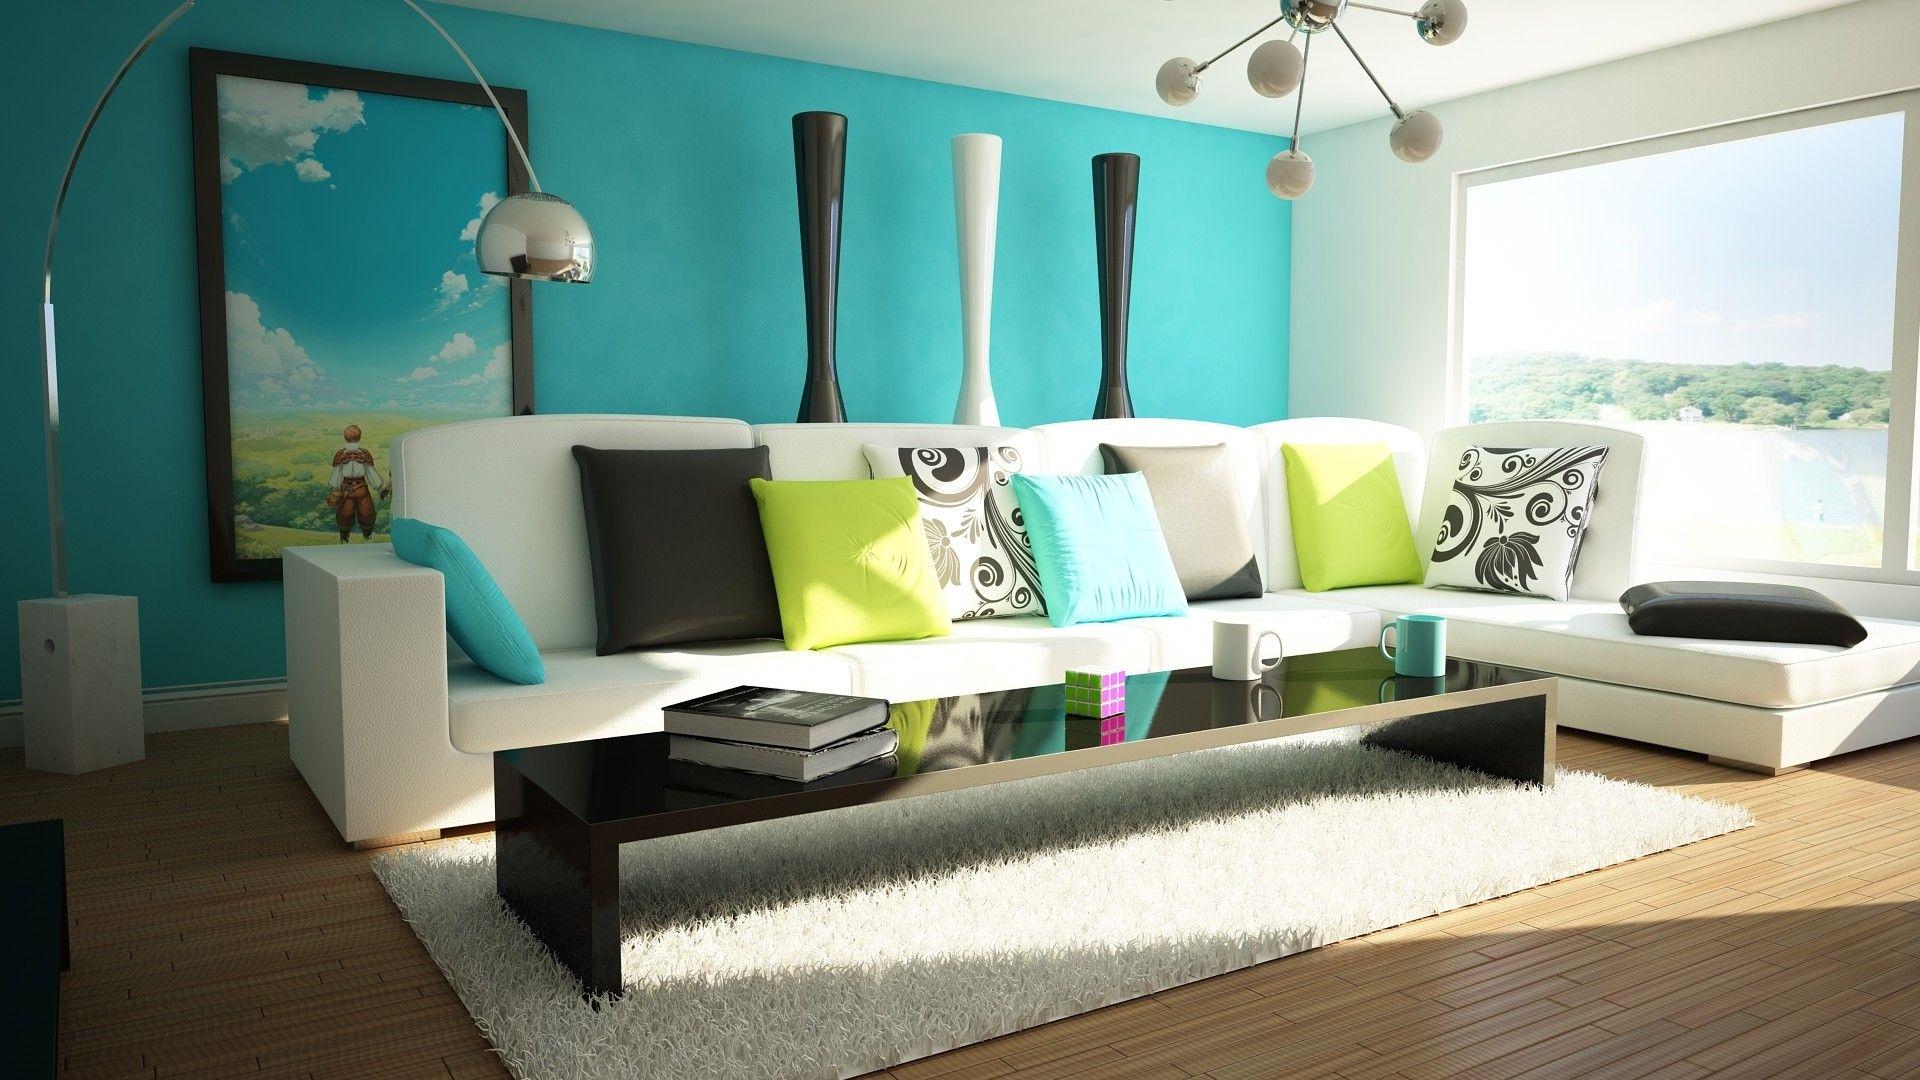 Küche interieur farbschemata pin von listdeluxe auf listdeluxe  pinterest  design wohnzimmer